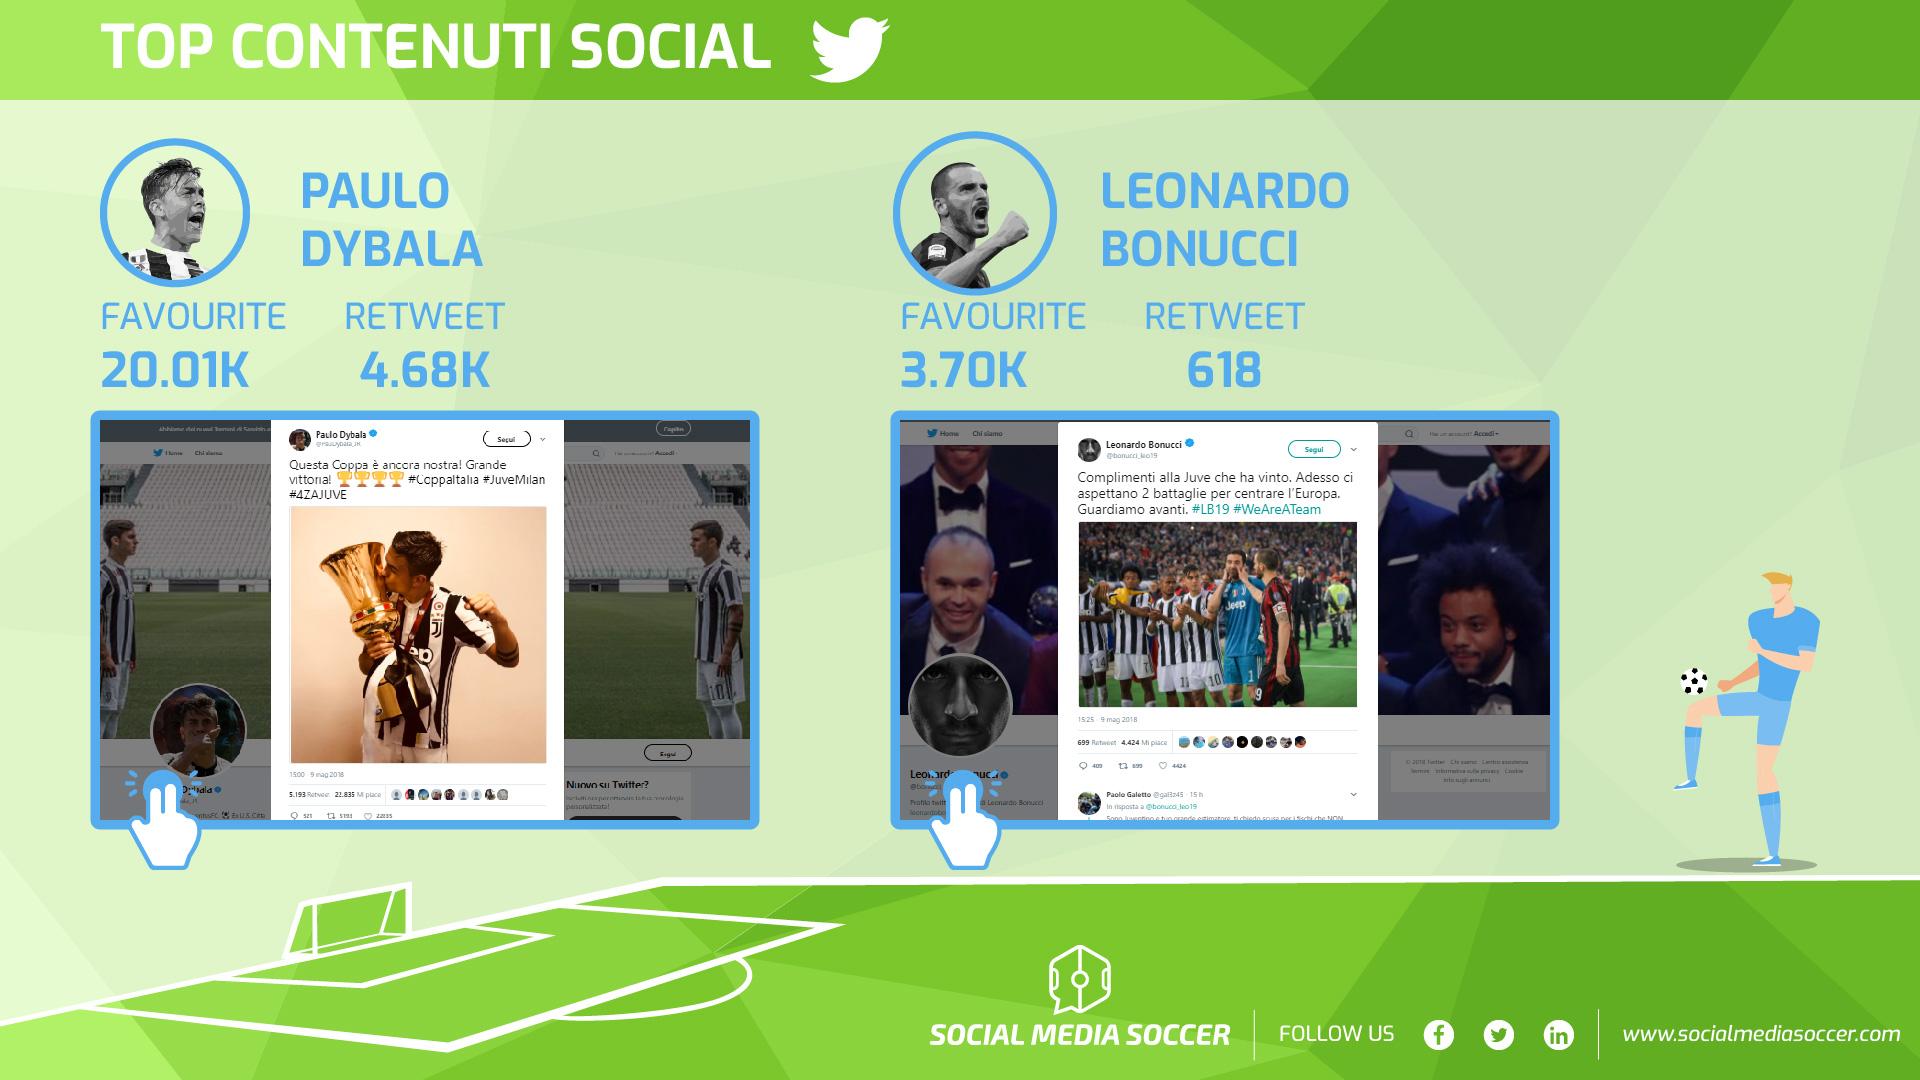 Migliori contenuti giocatori finale Coppa Italia Twitter